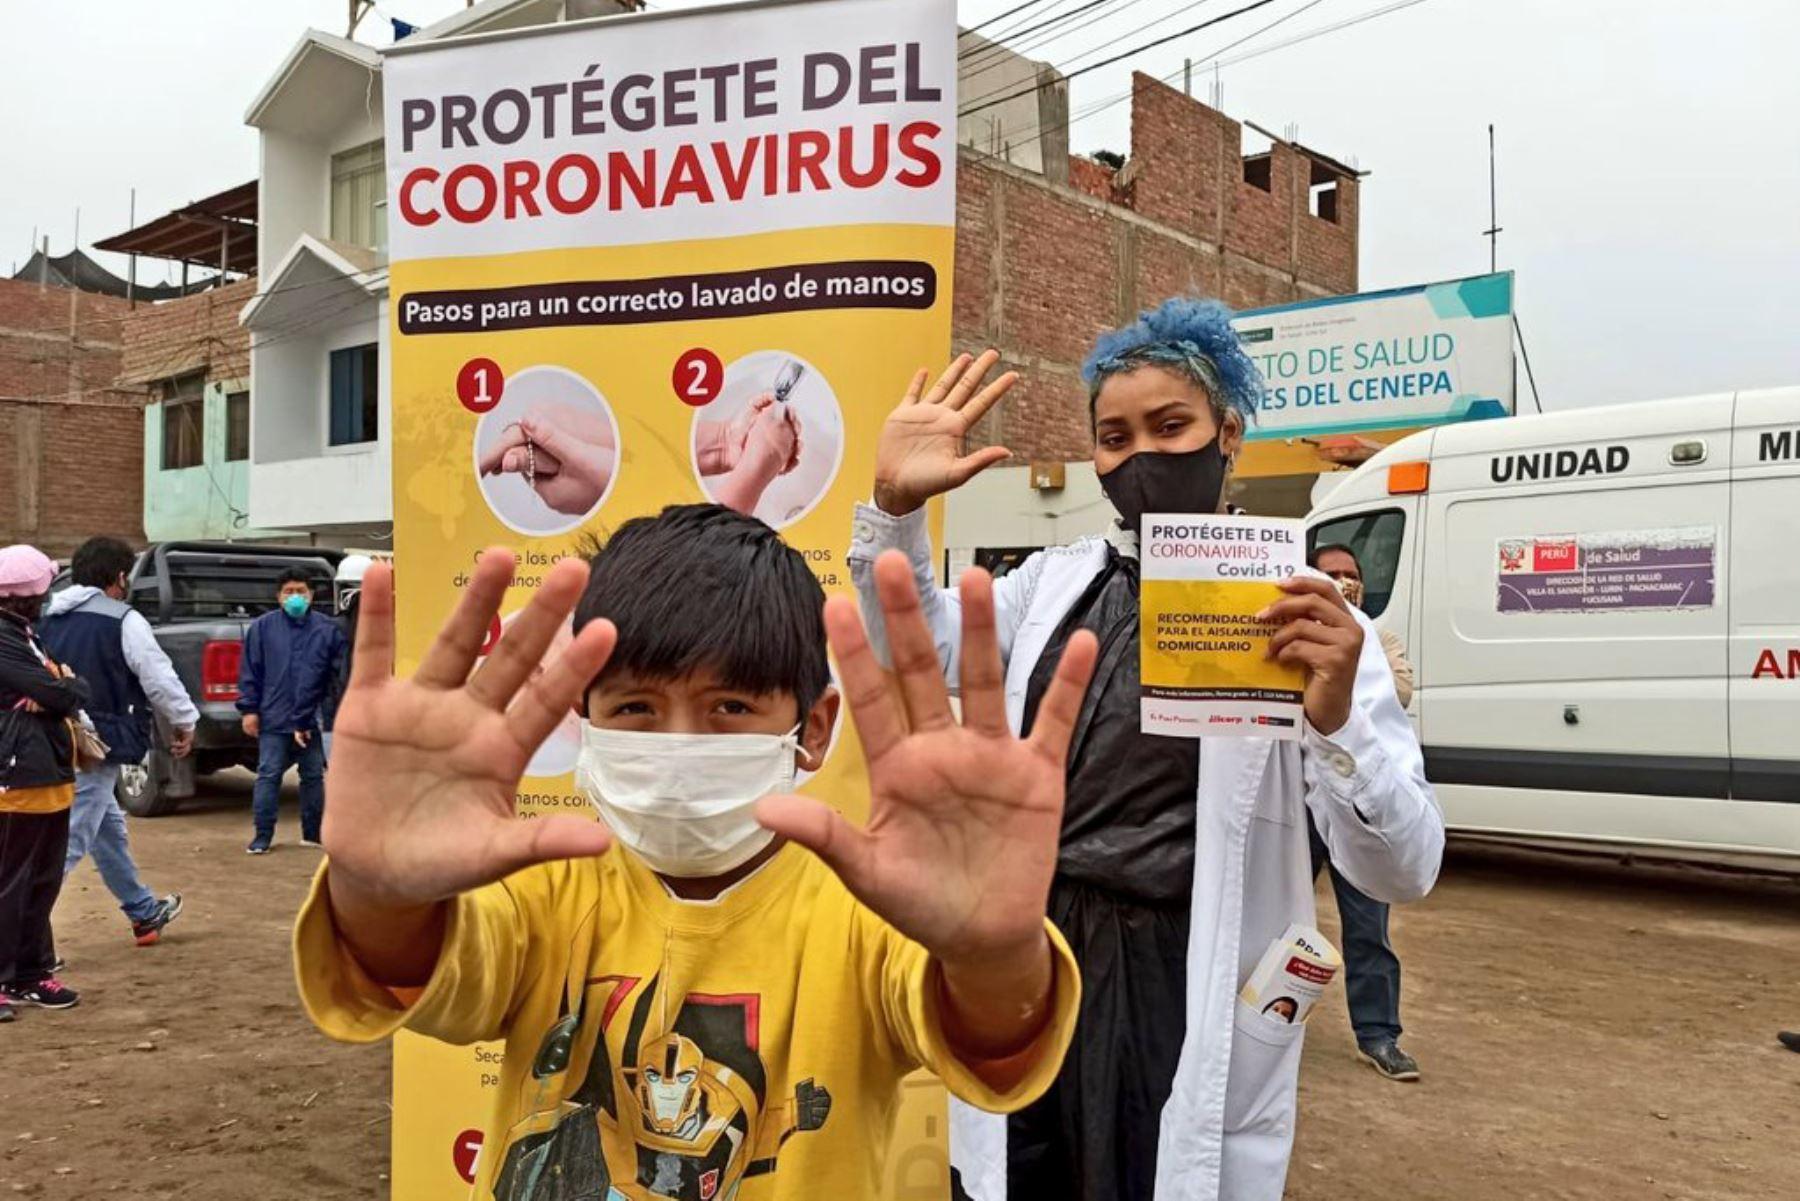 """Ministerio de Salud brinda atención integral de salud a más de 500 personas, entre ellos niños, gestantes y adultos mayores reciben vacunación, diagnóstico de anemia, control de diabetes, hipertensión en la zona de """"Héroes de Cenepa""""  en Villa El Salvador. Foto: Minsa"""